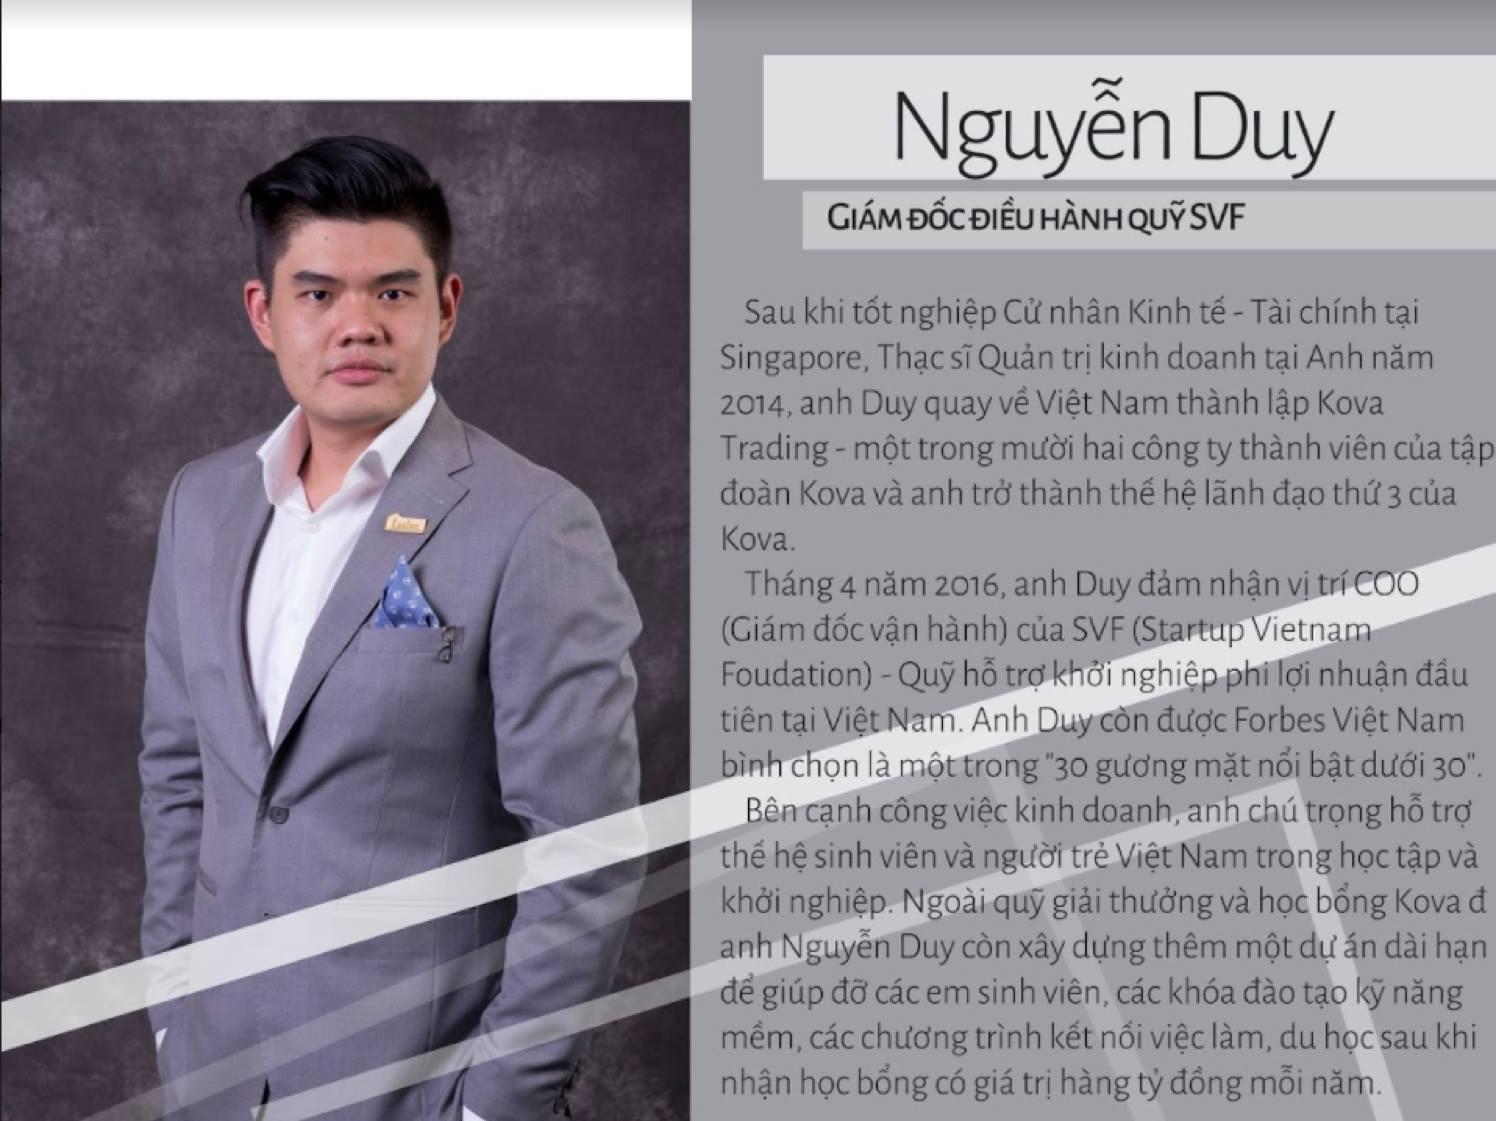 Giám Đốc Điều Hành SVF - Nguyễn Duy